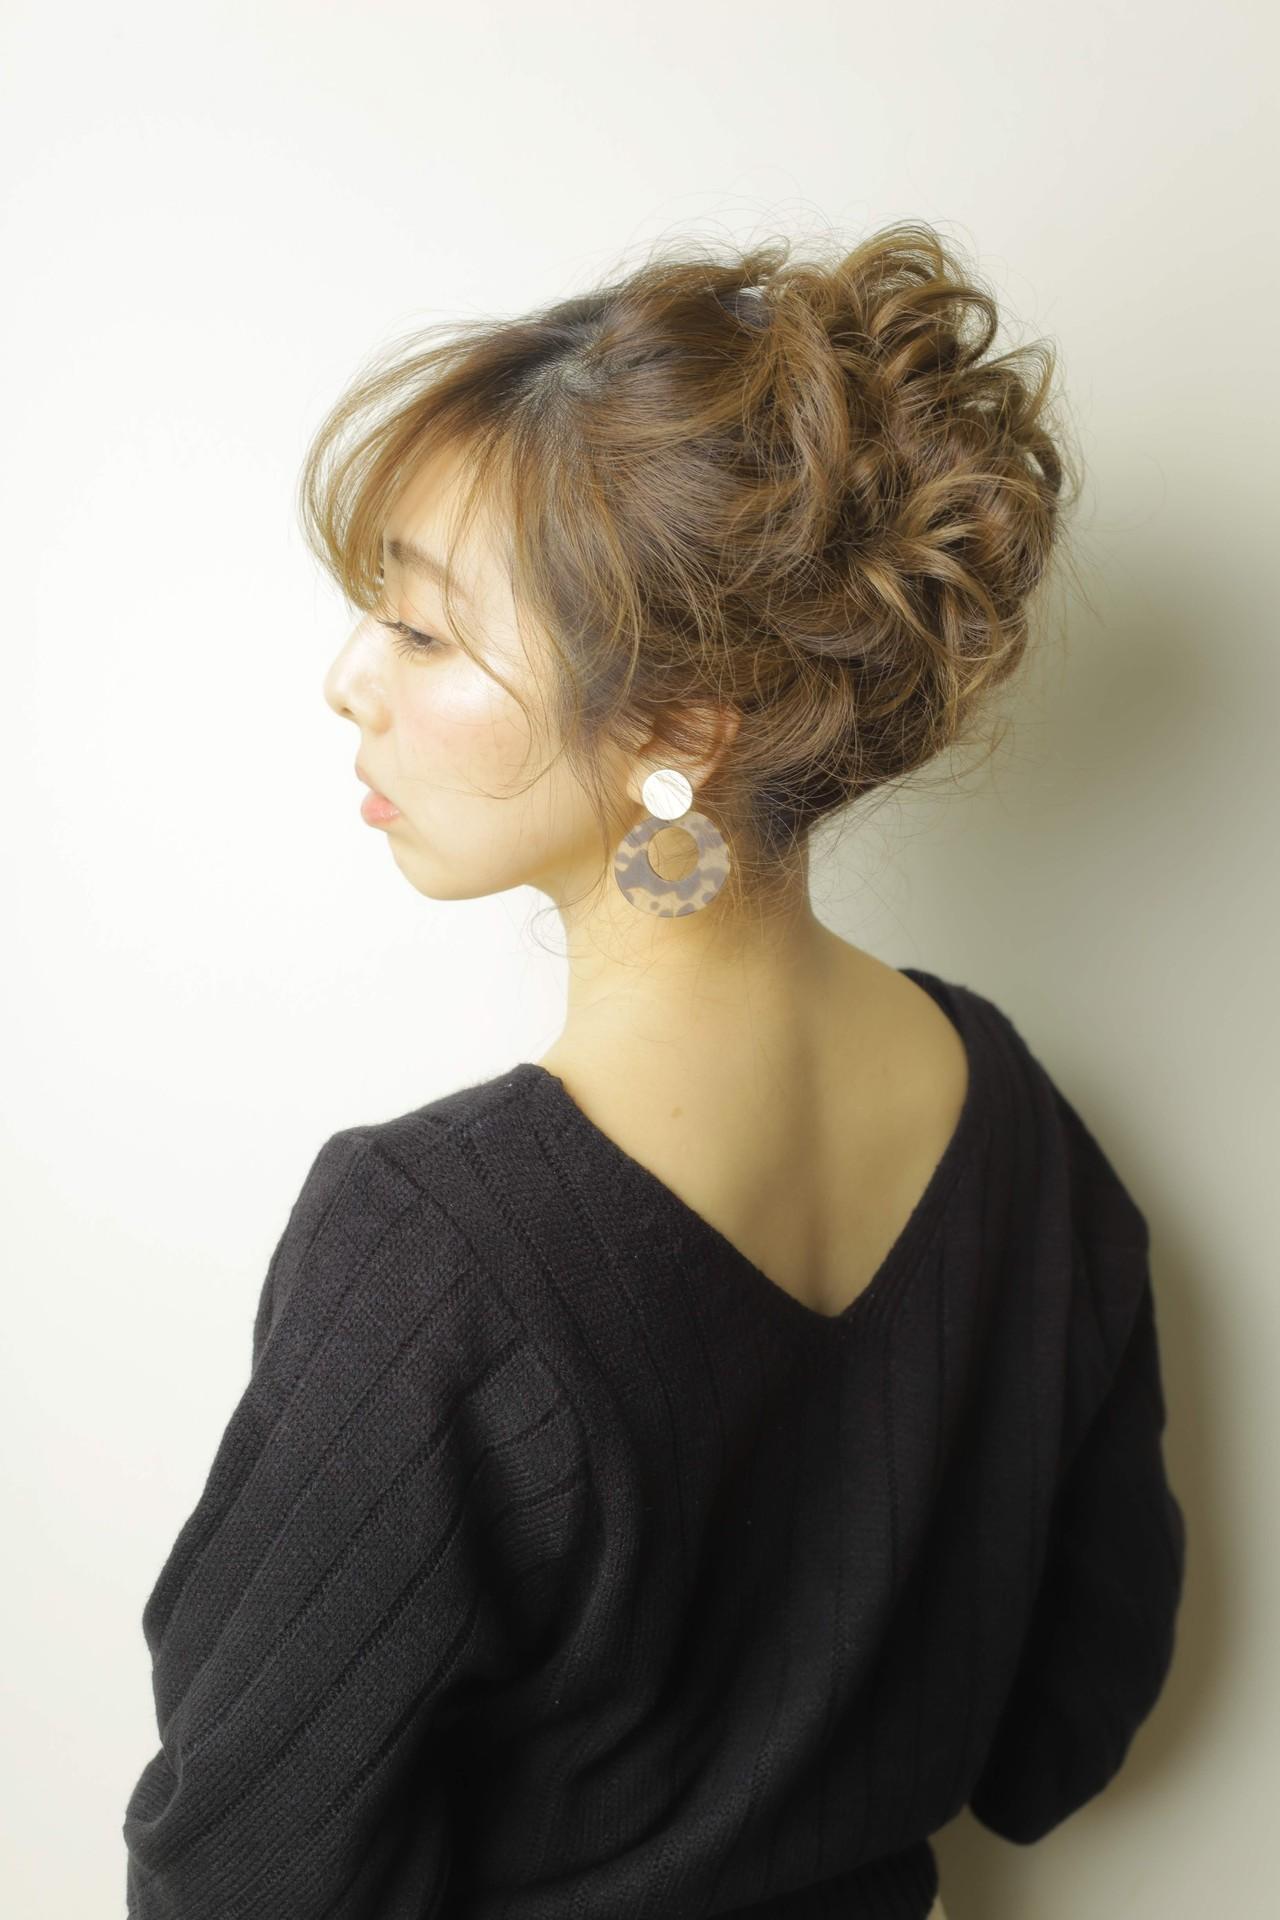 アップスタイル ヘアアレンジ ロング 簡単ヘアアレンジ ヘアスタイルや髪型の写真・画像 | 山内雅淳 STARBERRY / Starberry 逗子店